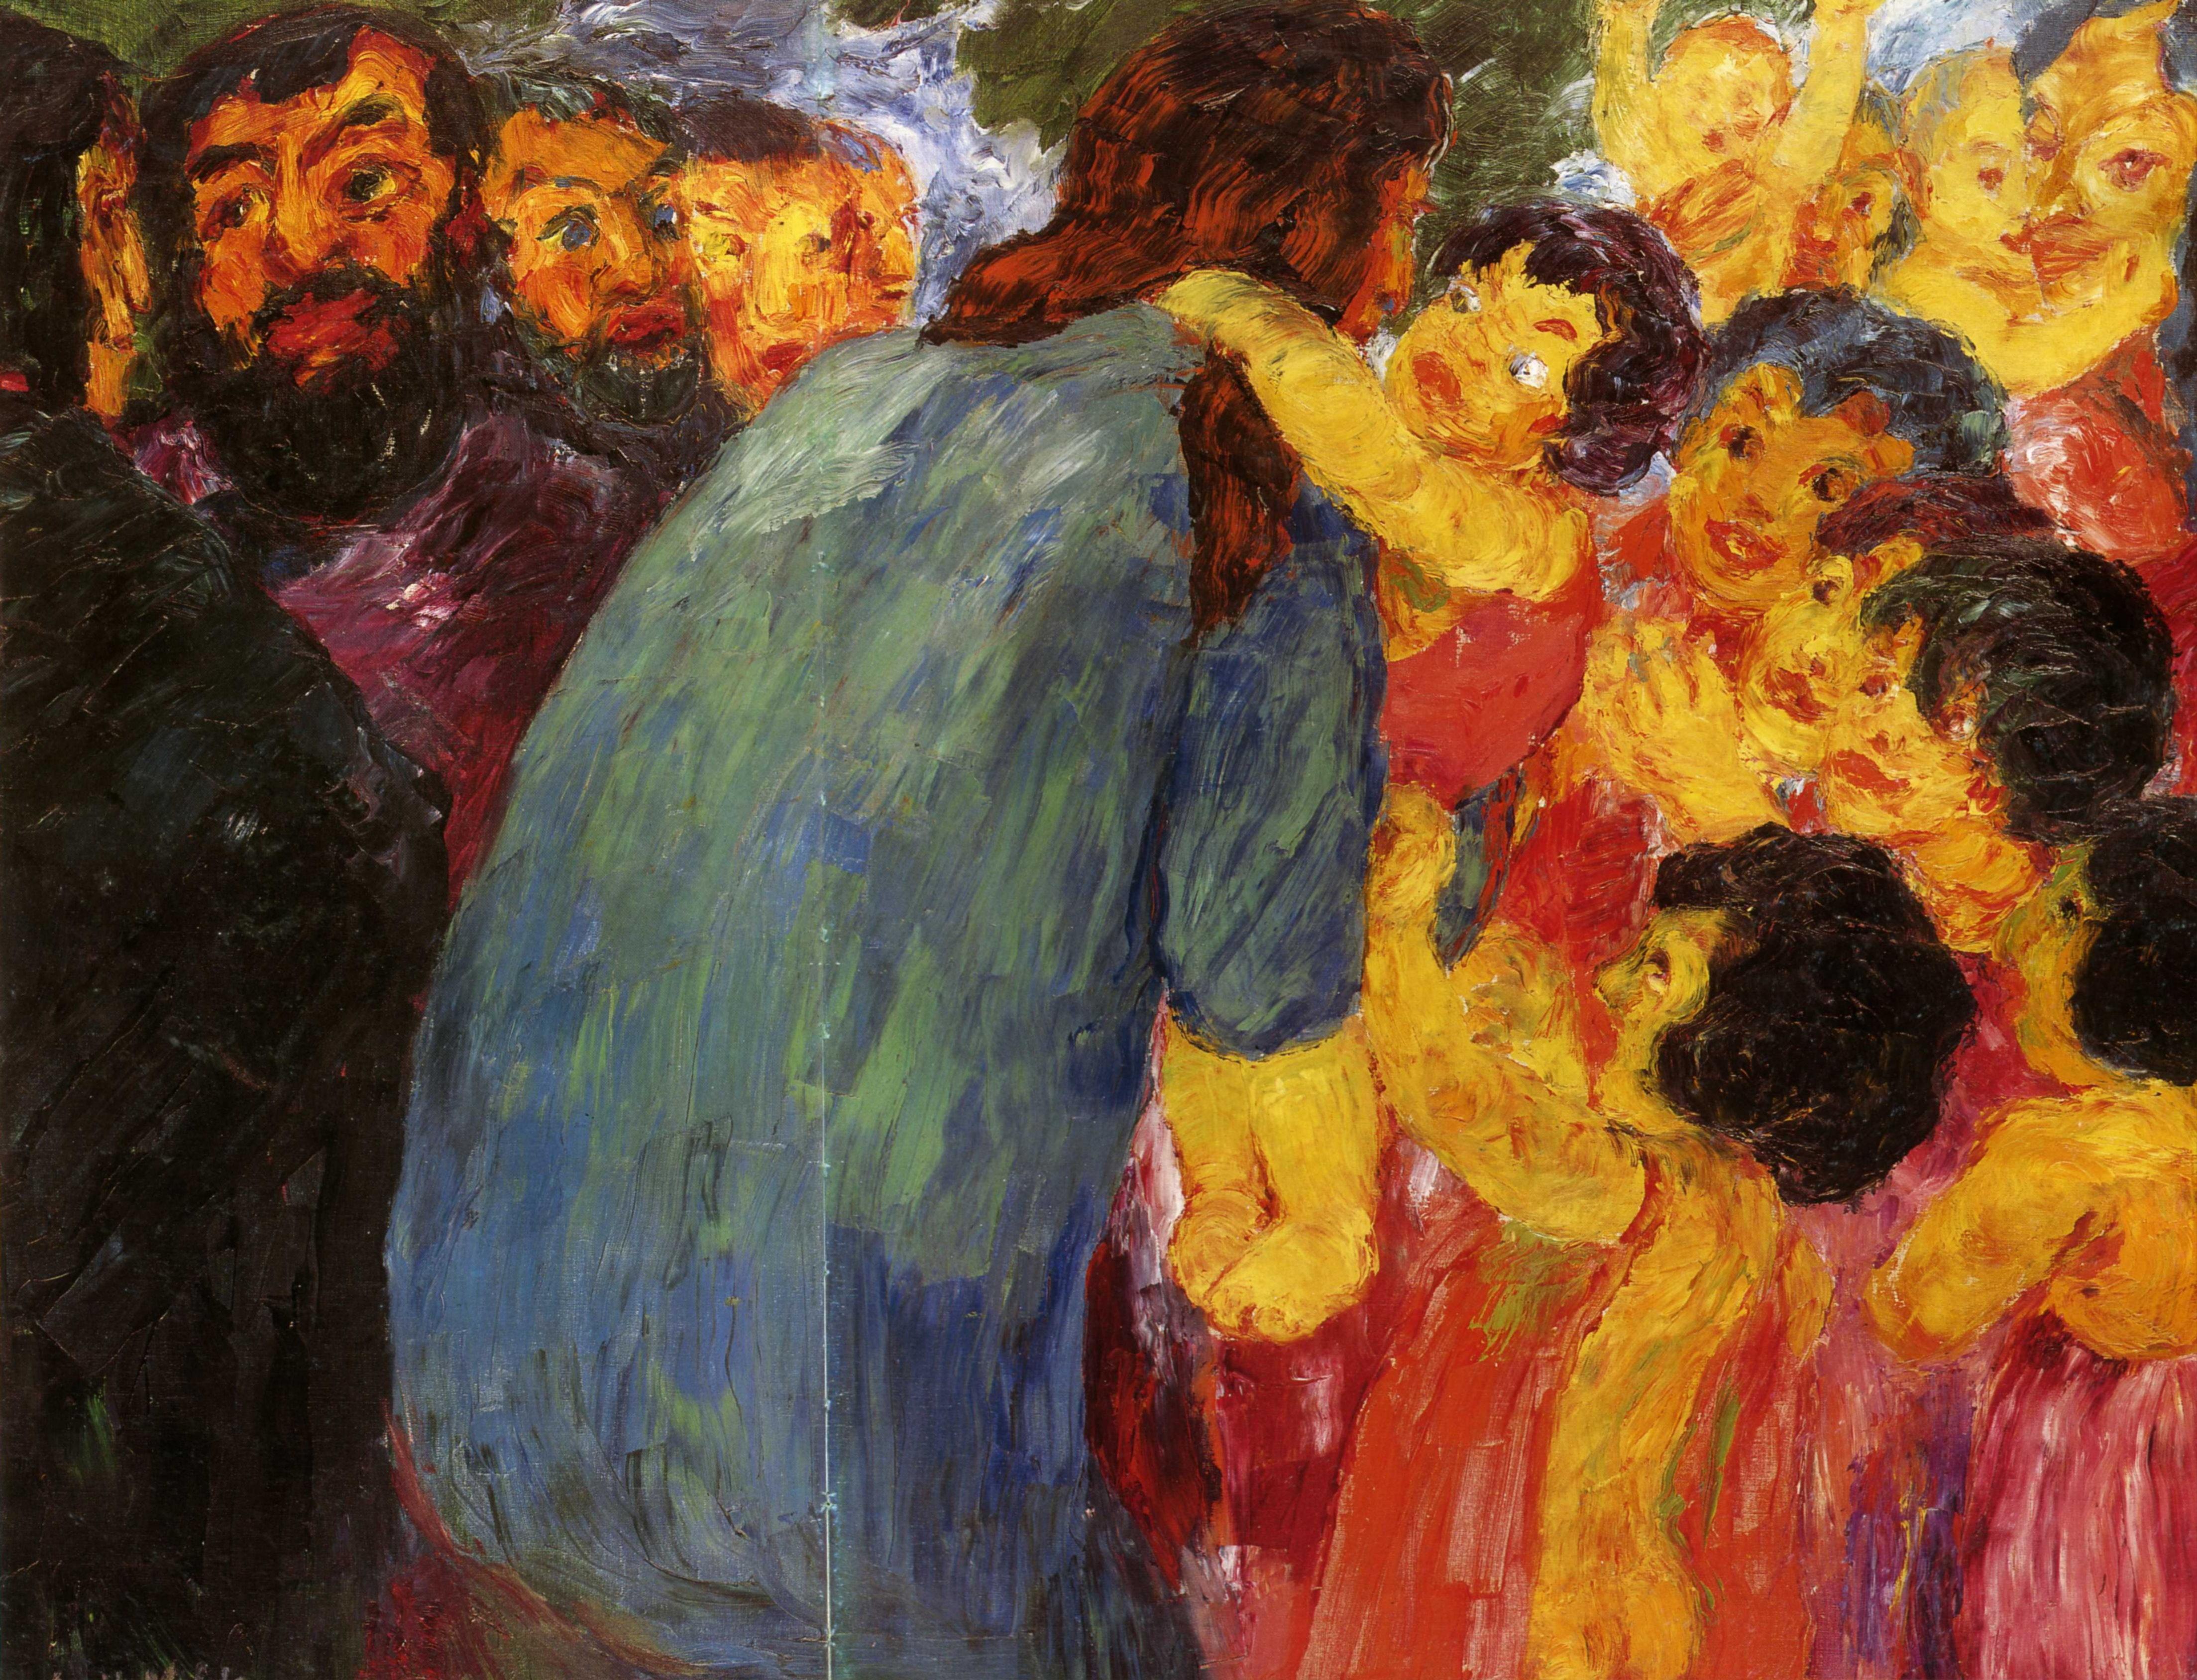 Эмиль Нольде (1867 — 1956) — один из ведущих немецких художников-экспрессионистов, считается одним из величайших акварелистов XX века. 1910. «Христос и дети»